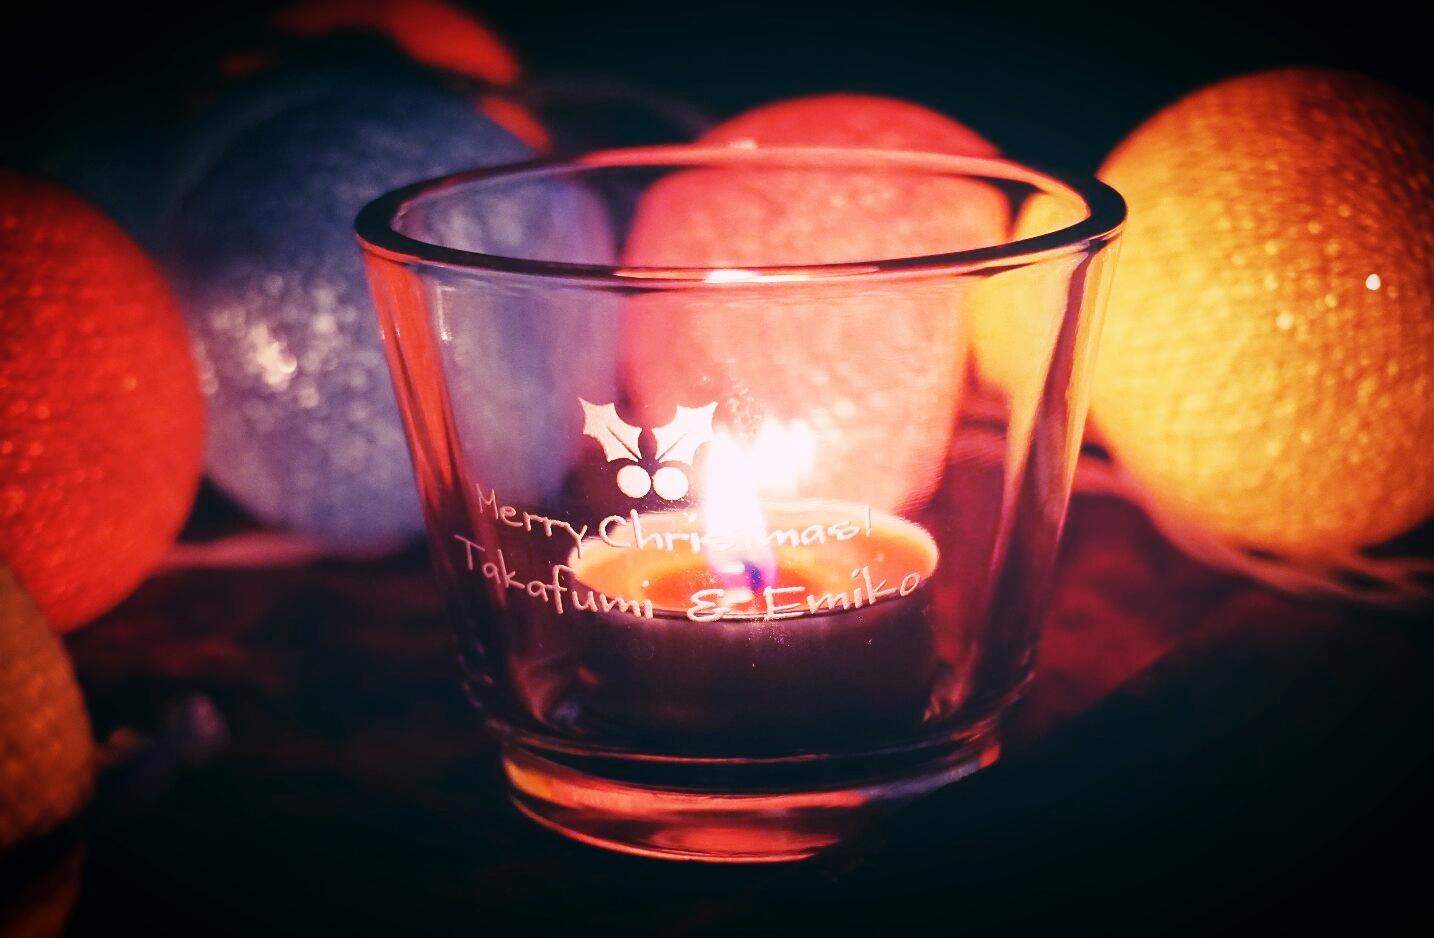 名入れ ロゴ入れ オリジナル キャンドルグラス ノベルティ 世界で1つ クリスマス